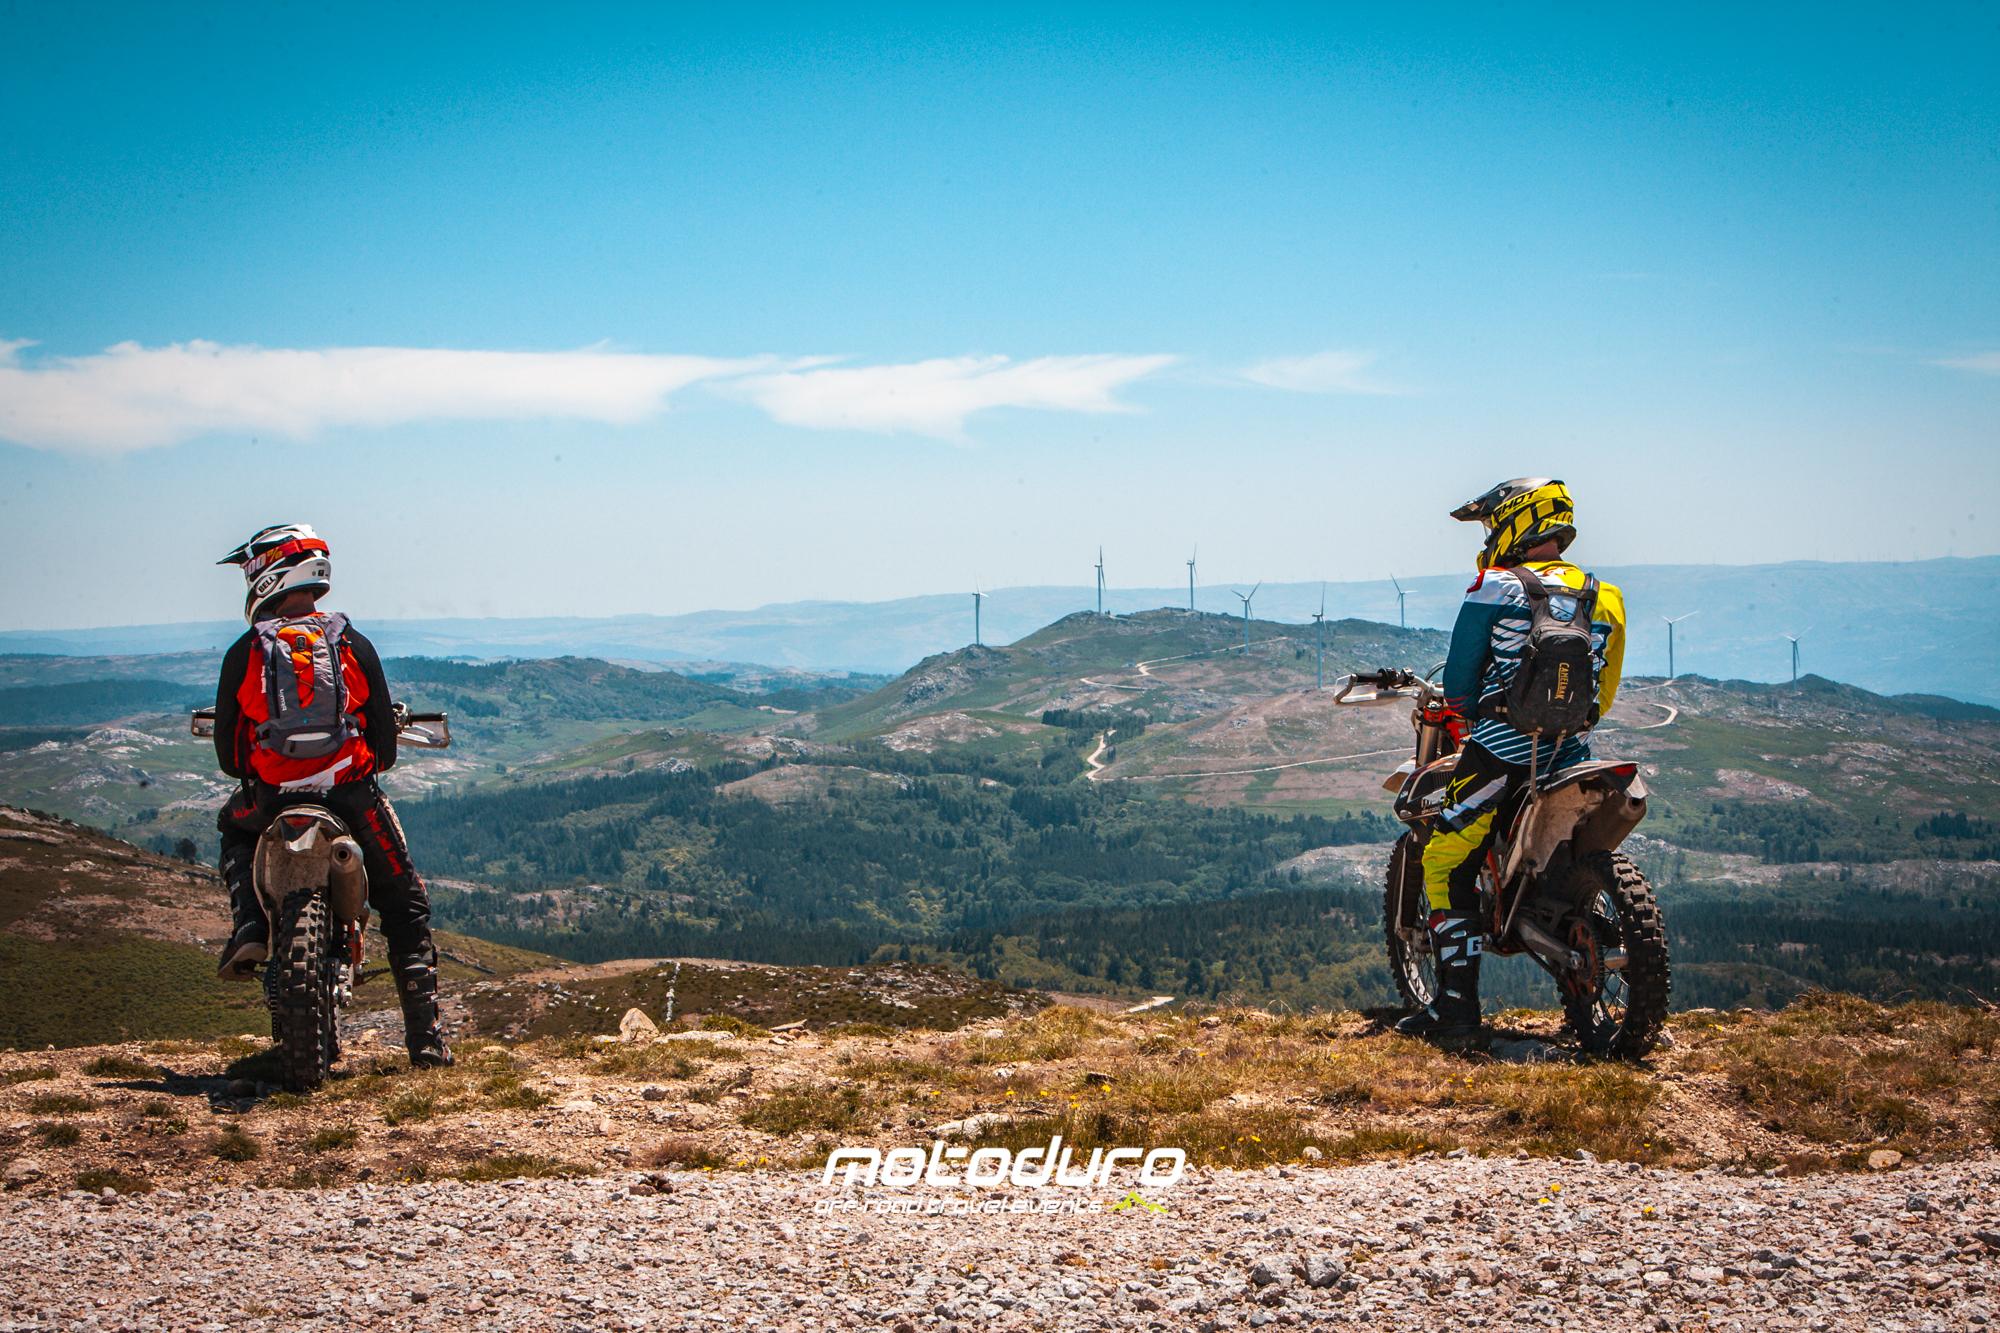 Enduro Portugal trip